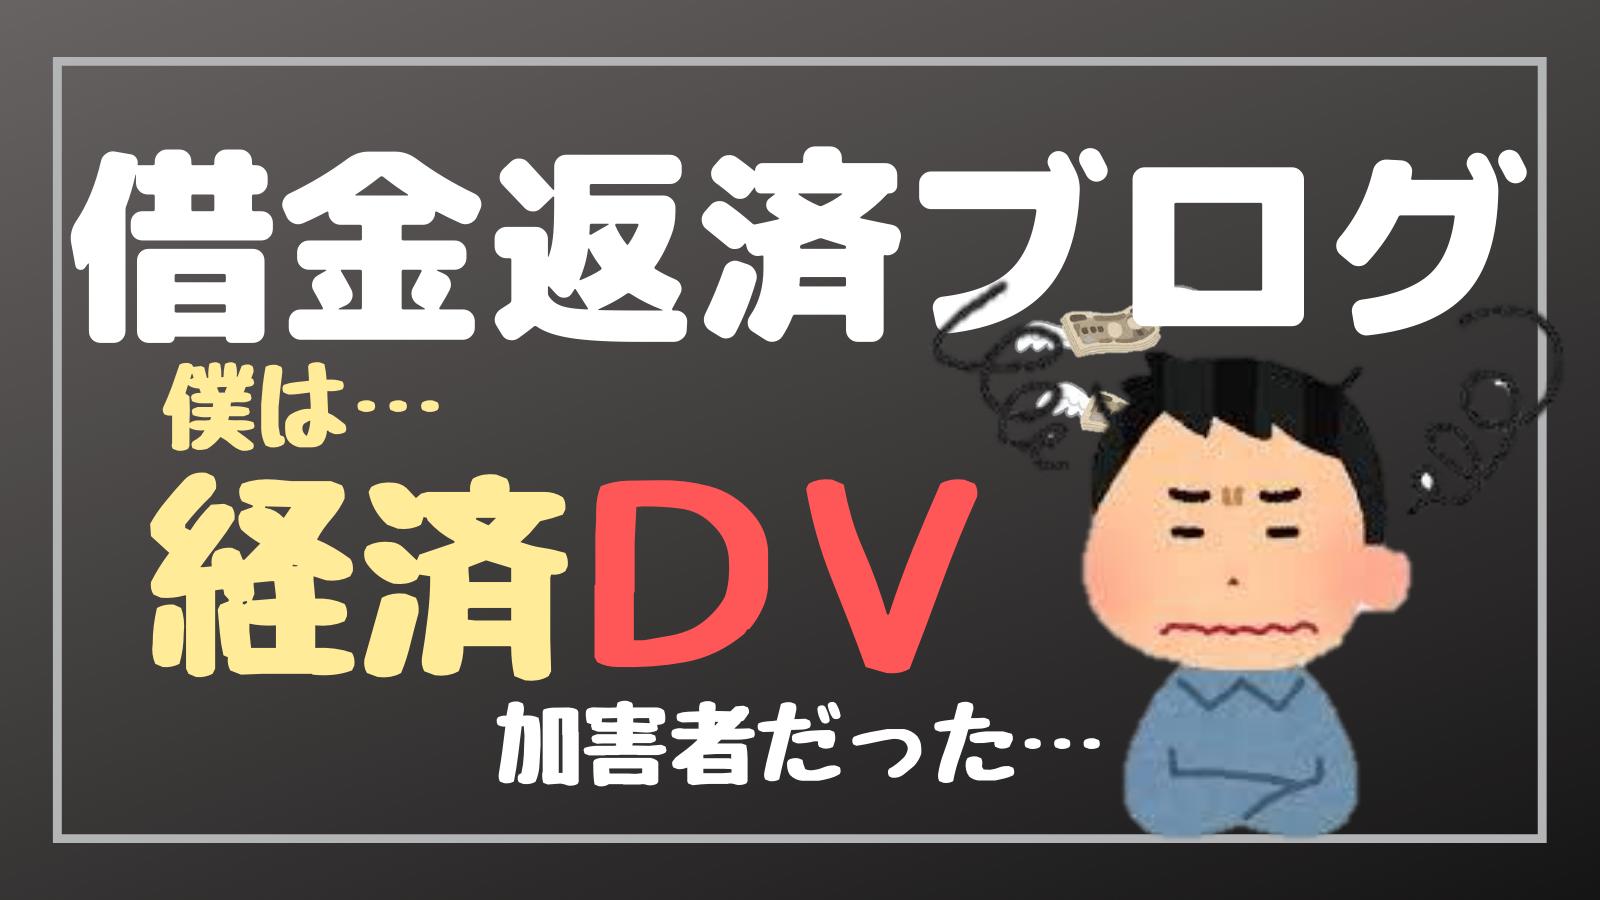 経済DV加害者